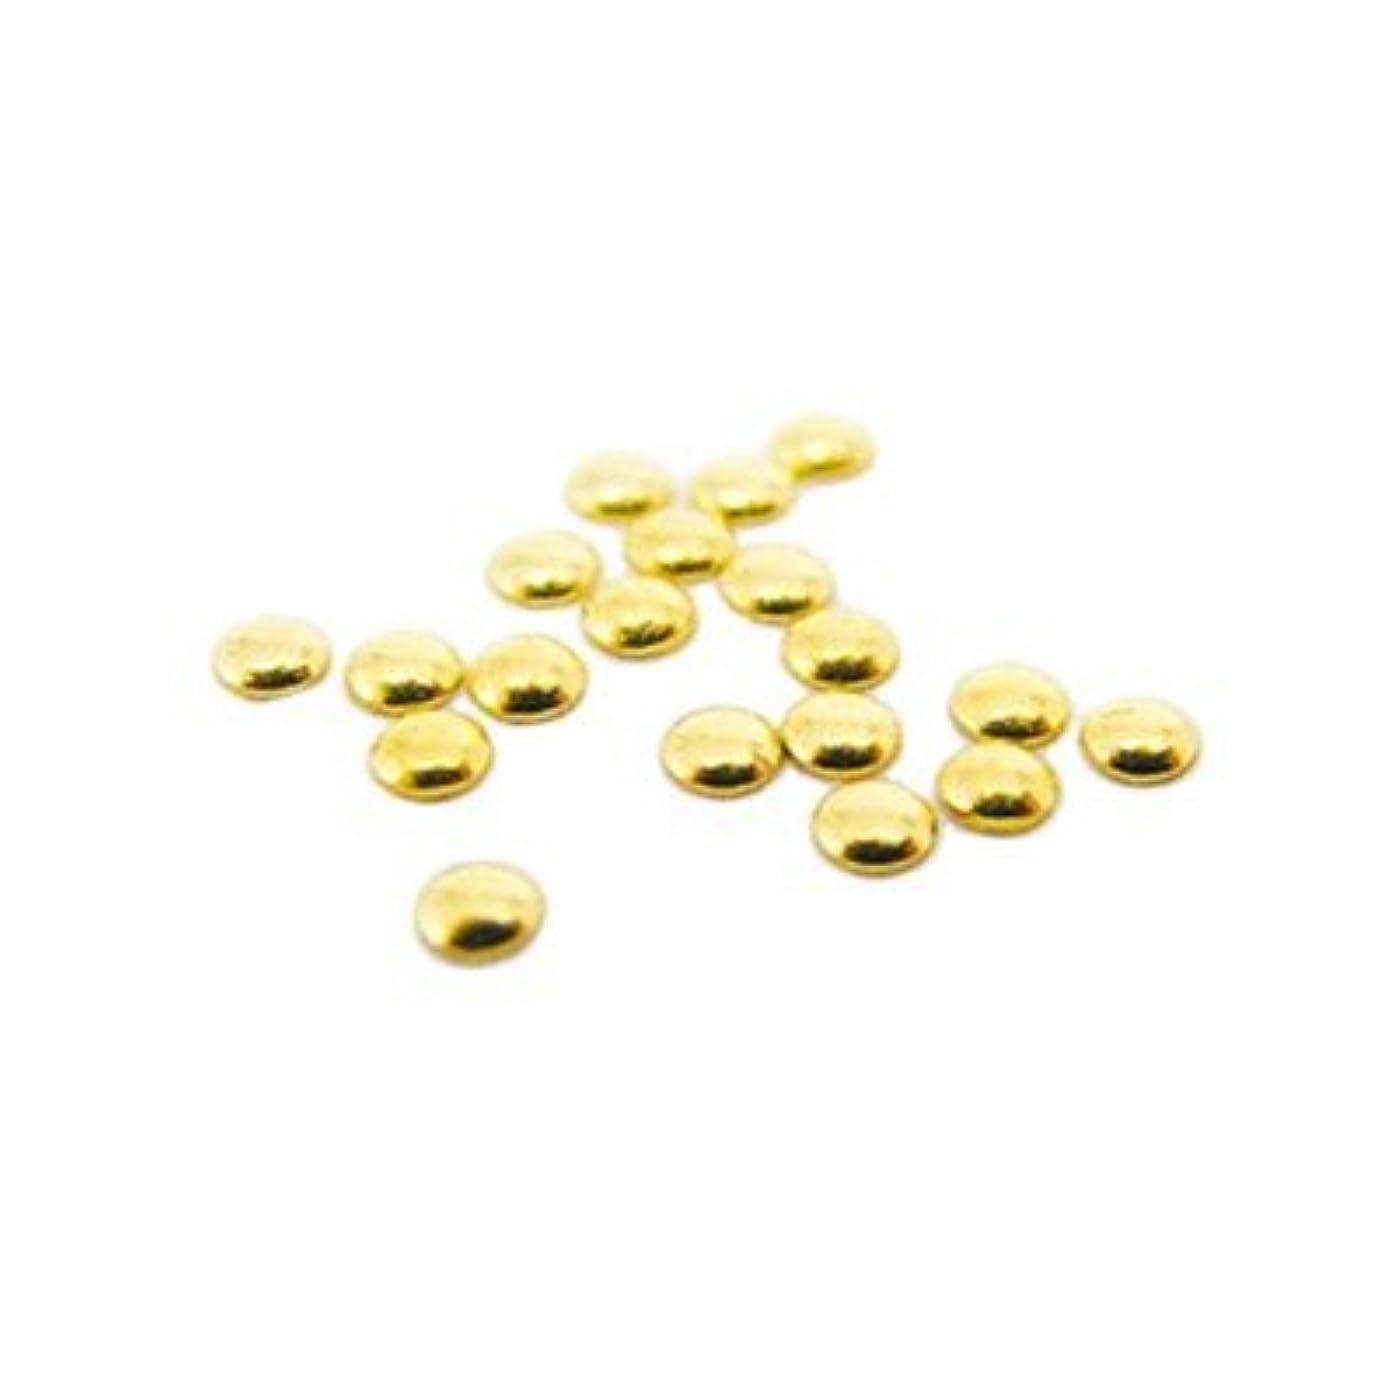 グレートオーク落ちた保有者ピアドラ スタッズ 0.8mm 500P ゴールド